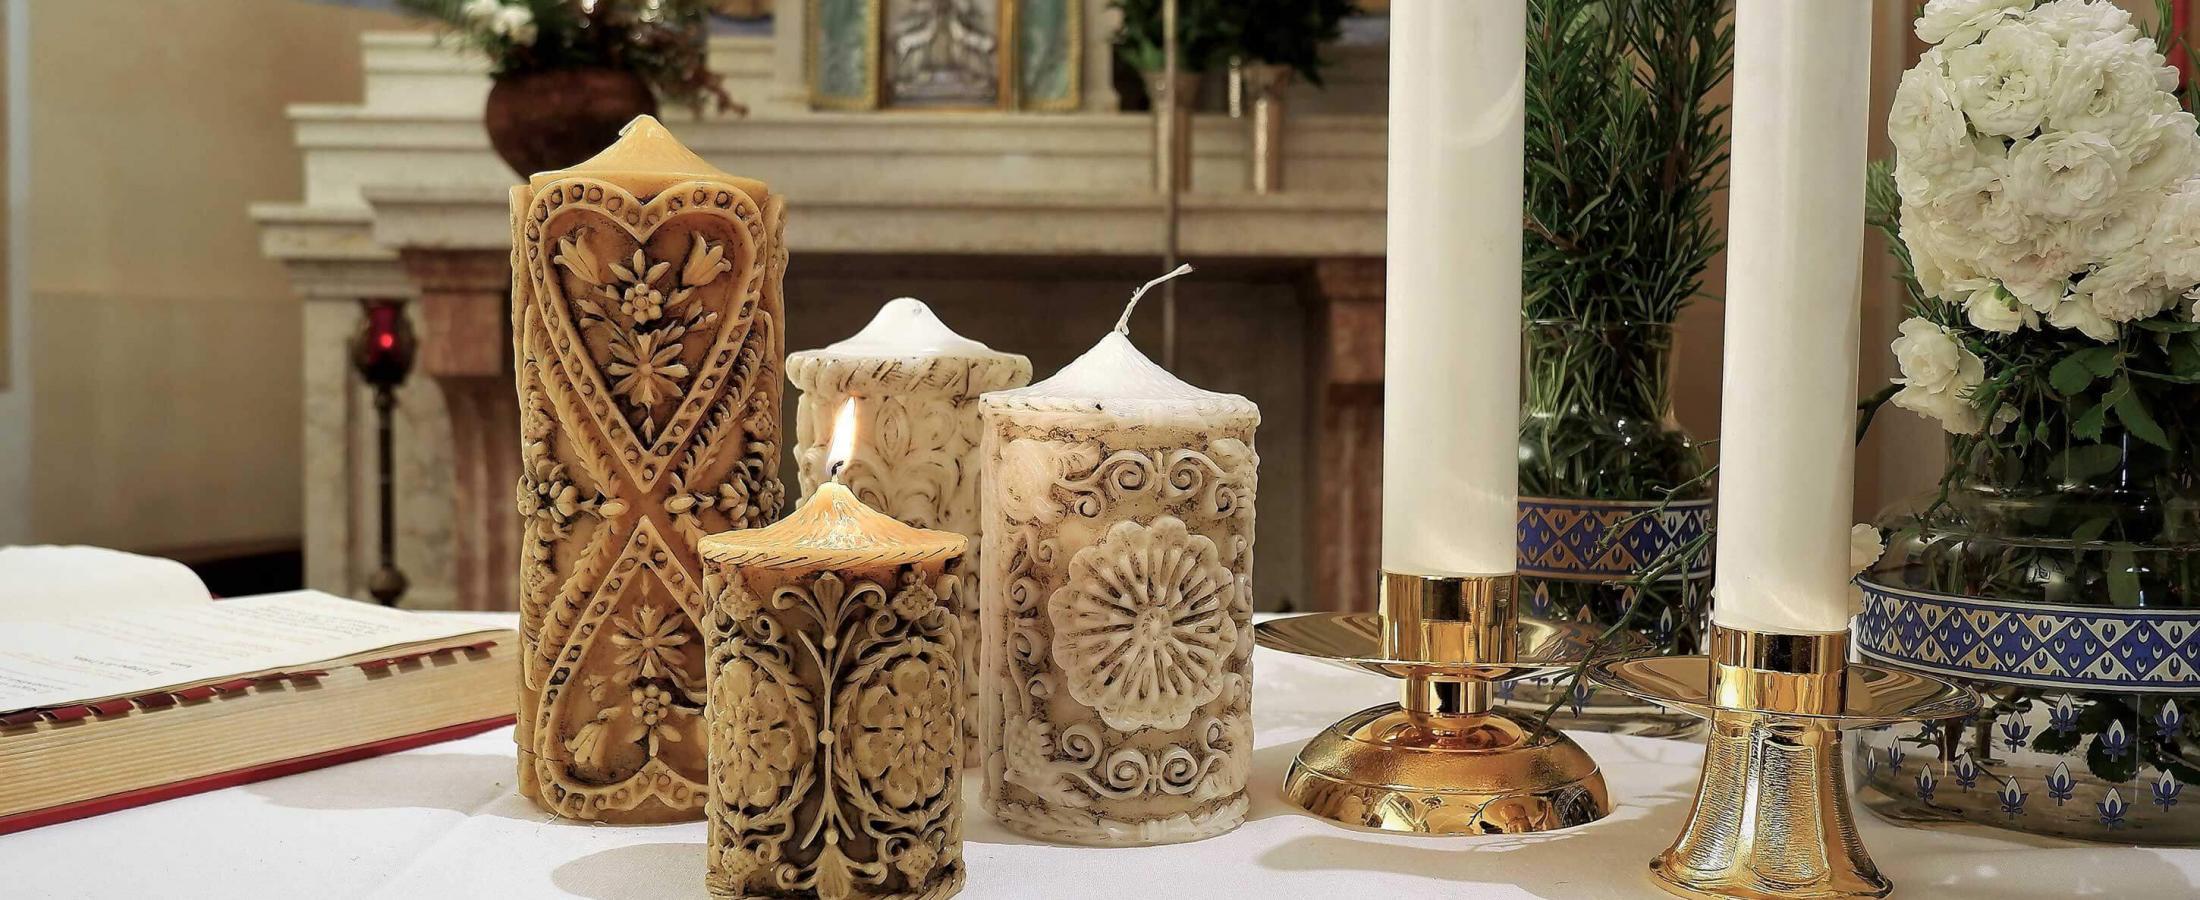 Candele liturgiche